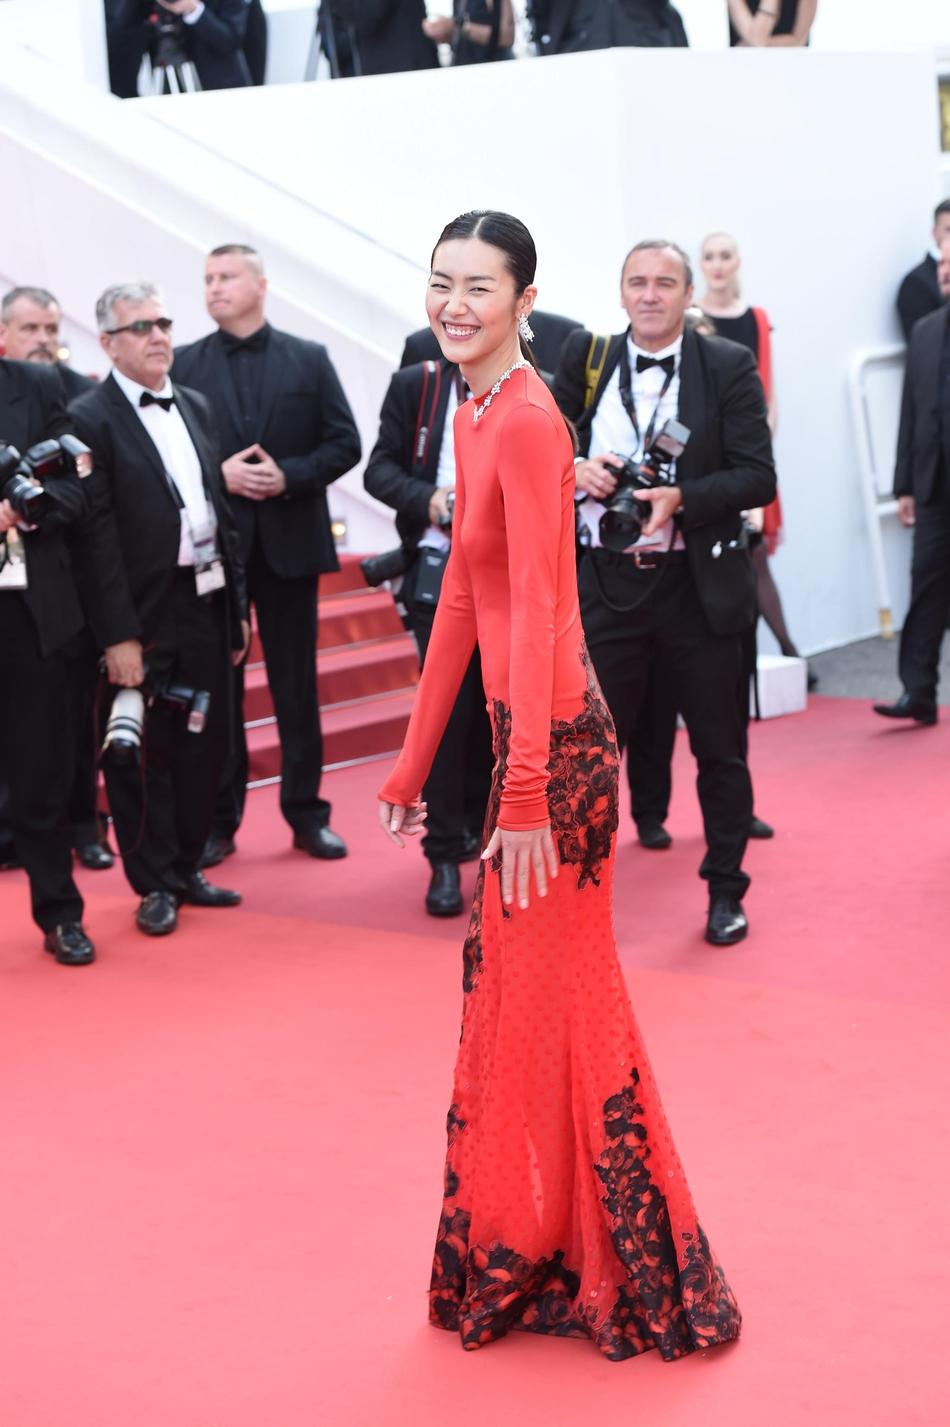 刘雯穿深红旗袍露脸红毯 身段高挑美腿性感